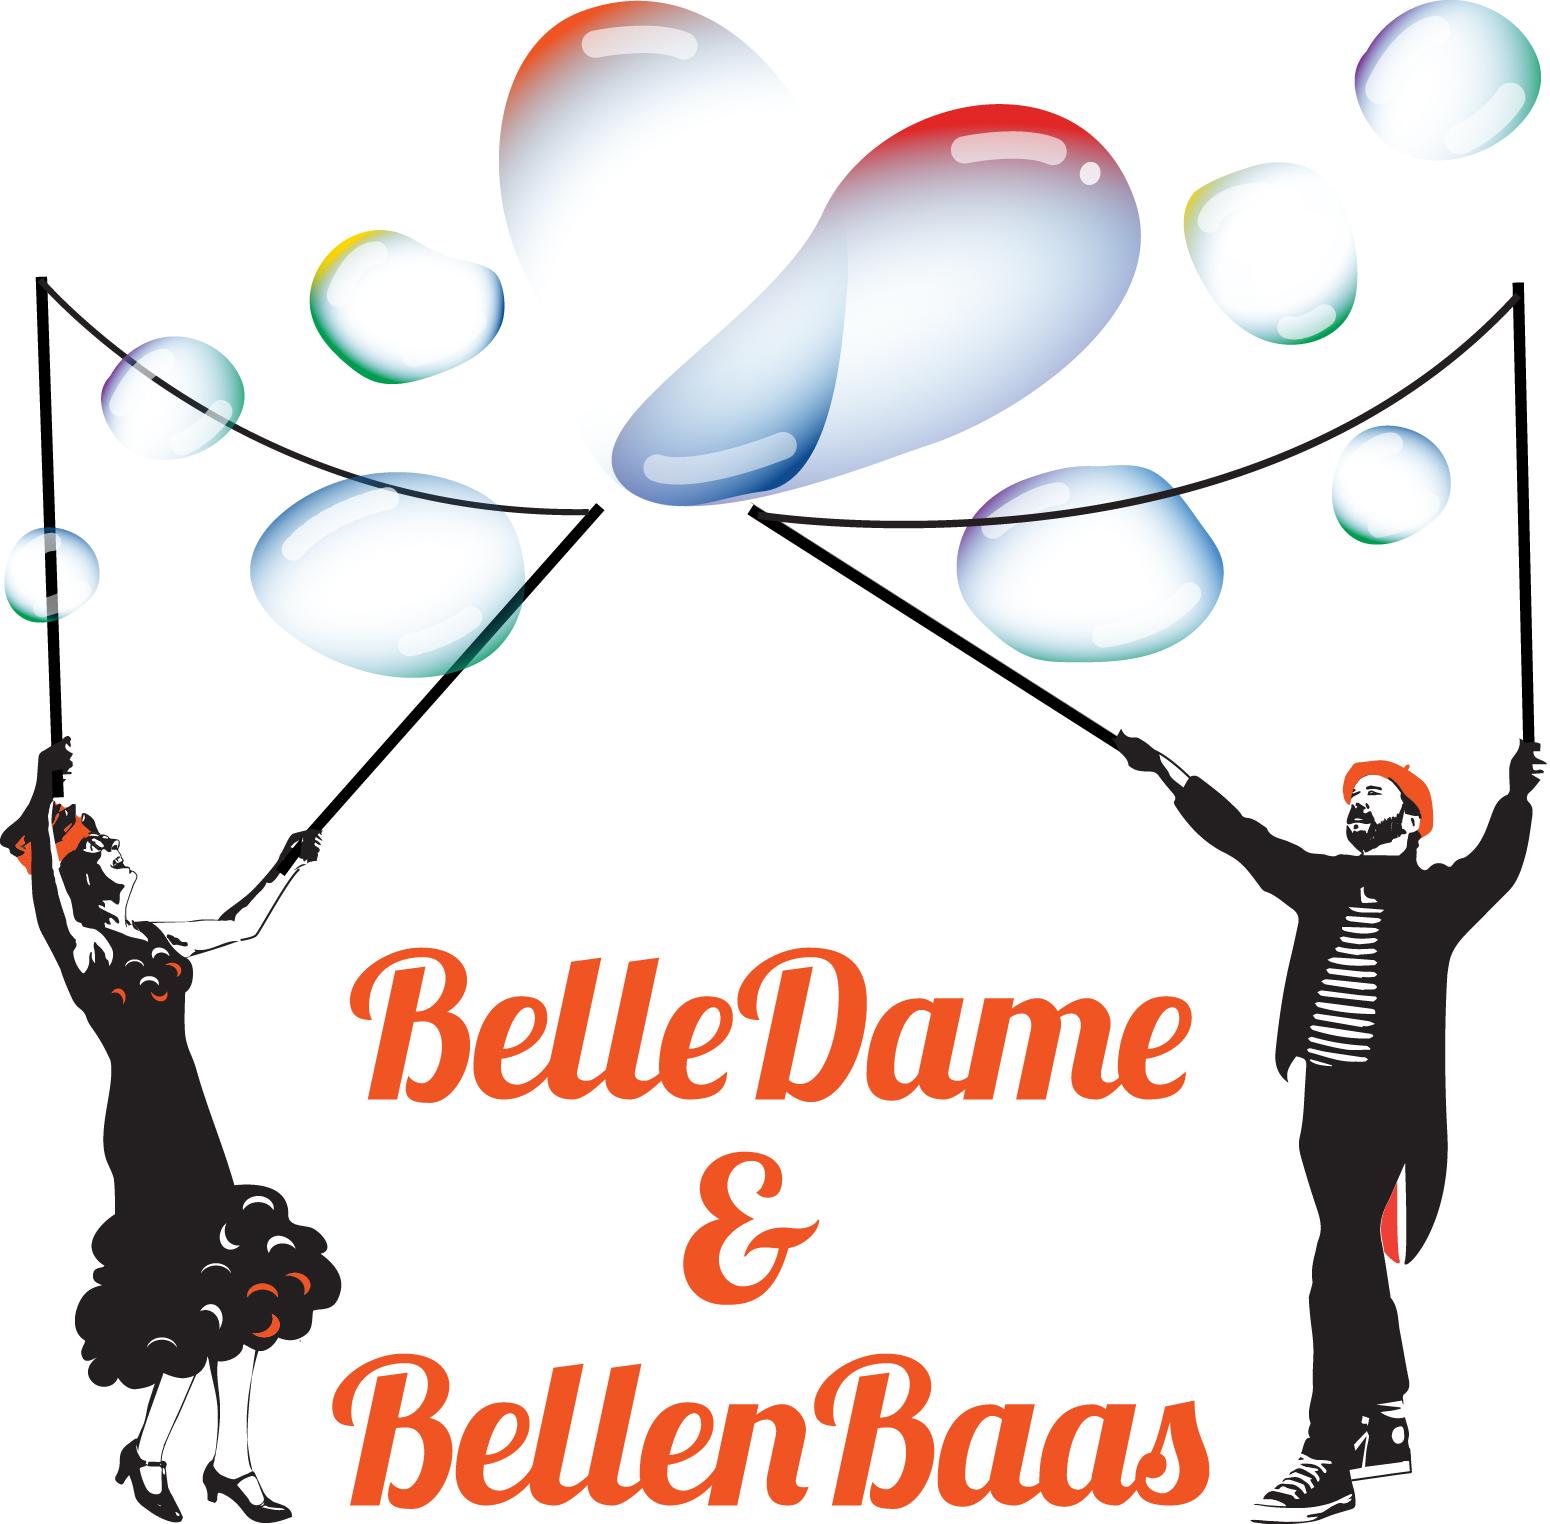 BelleDame & BellenBaas